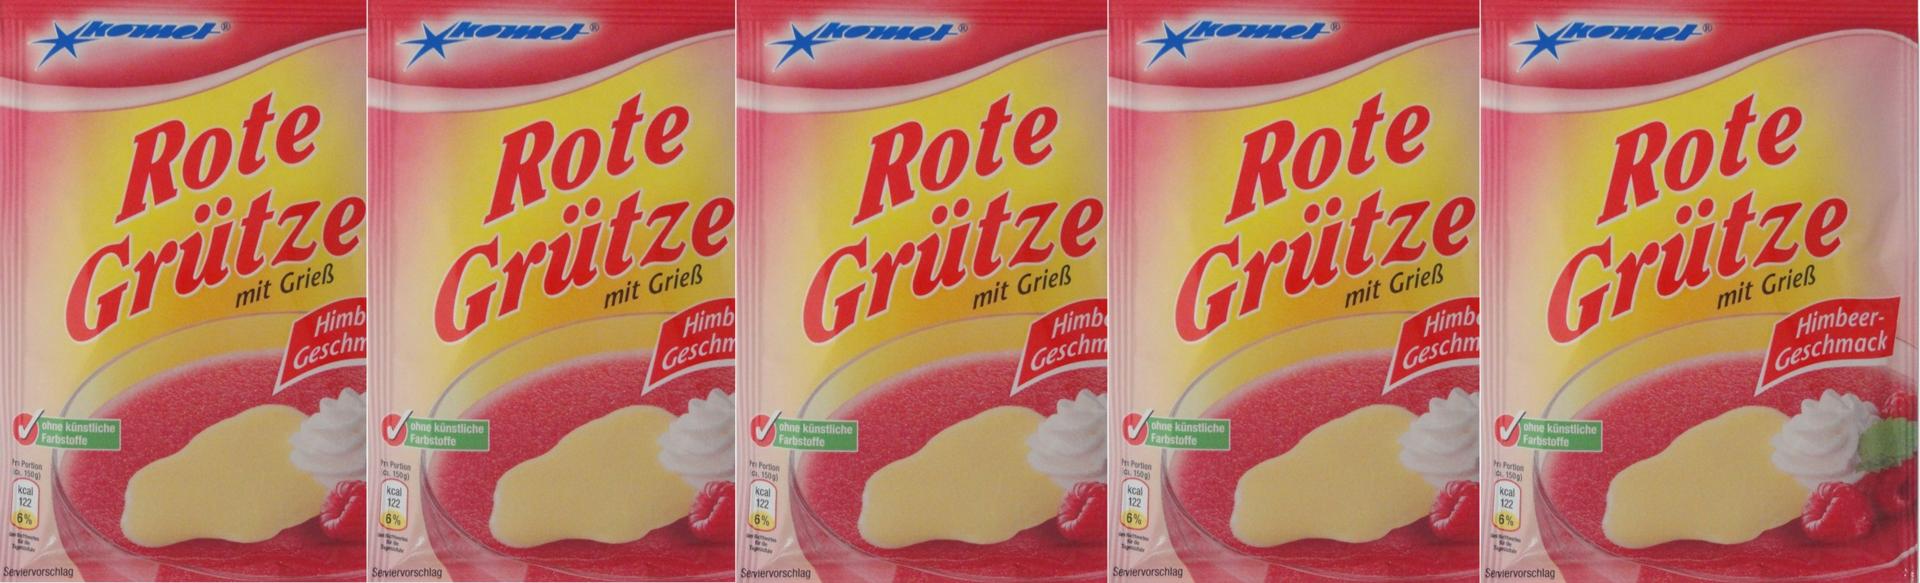 Rote >> Rote Grütze mit Grieß, Grießspeise, Pudding 5x - einfach lecker